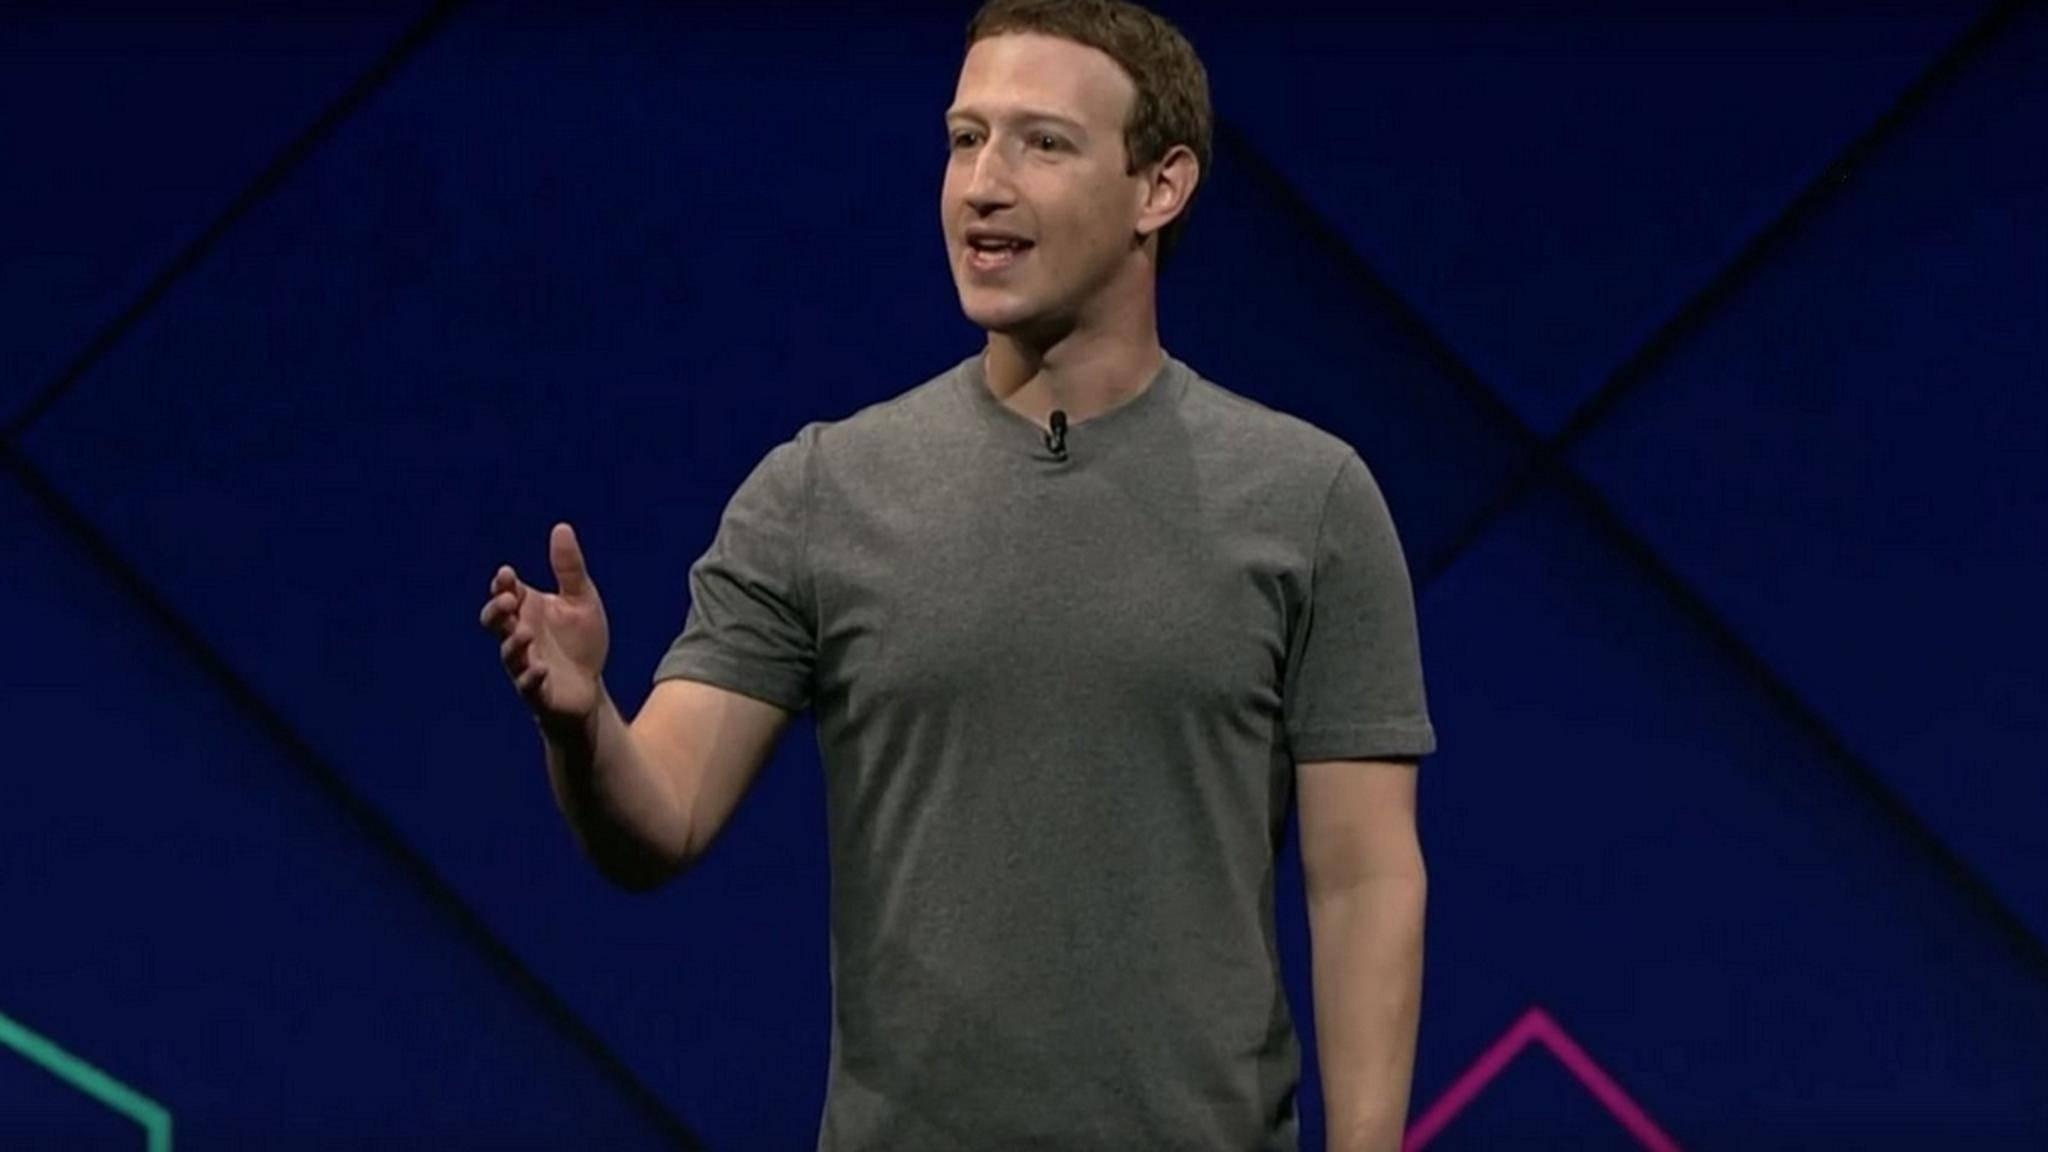 Bisher konnte nur eine Facebook-Elite gesendete Nachrichten löschen.